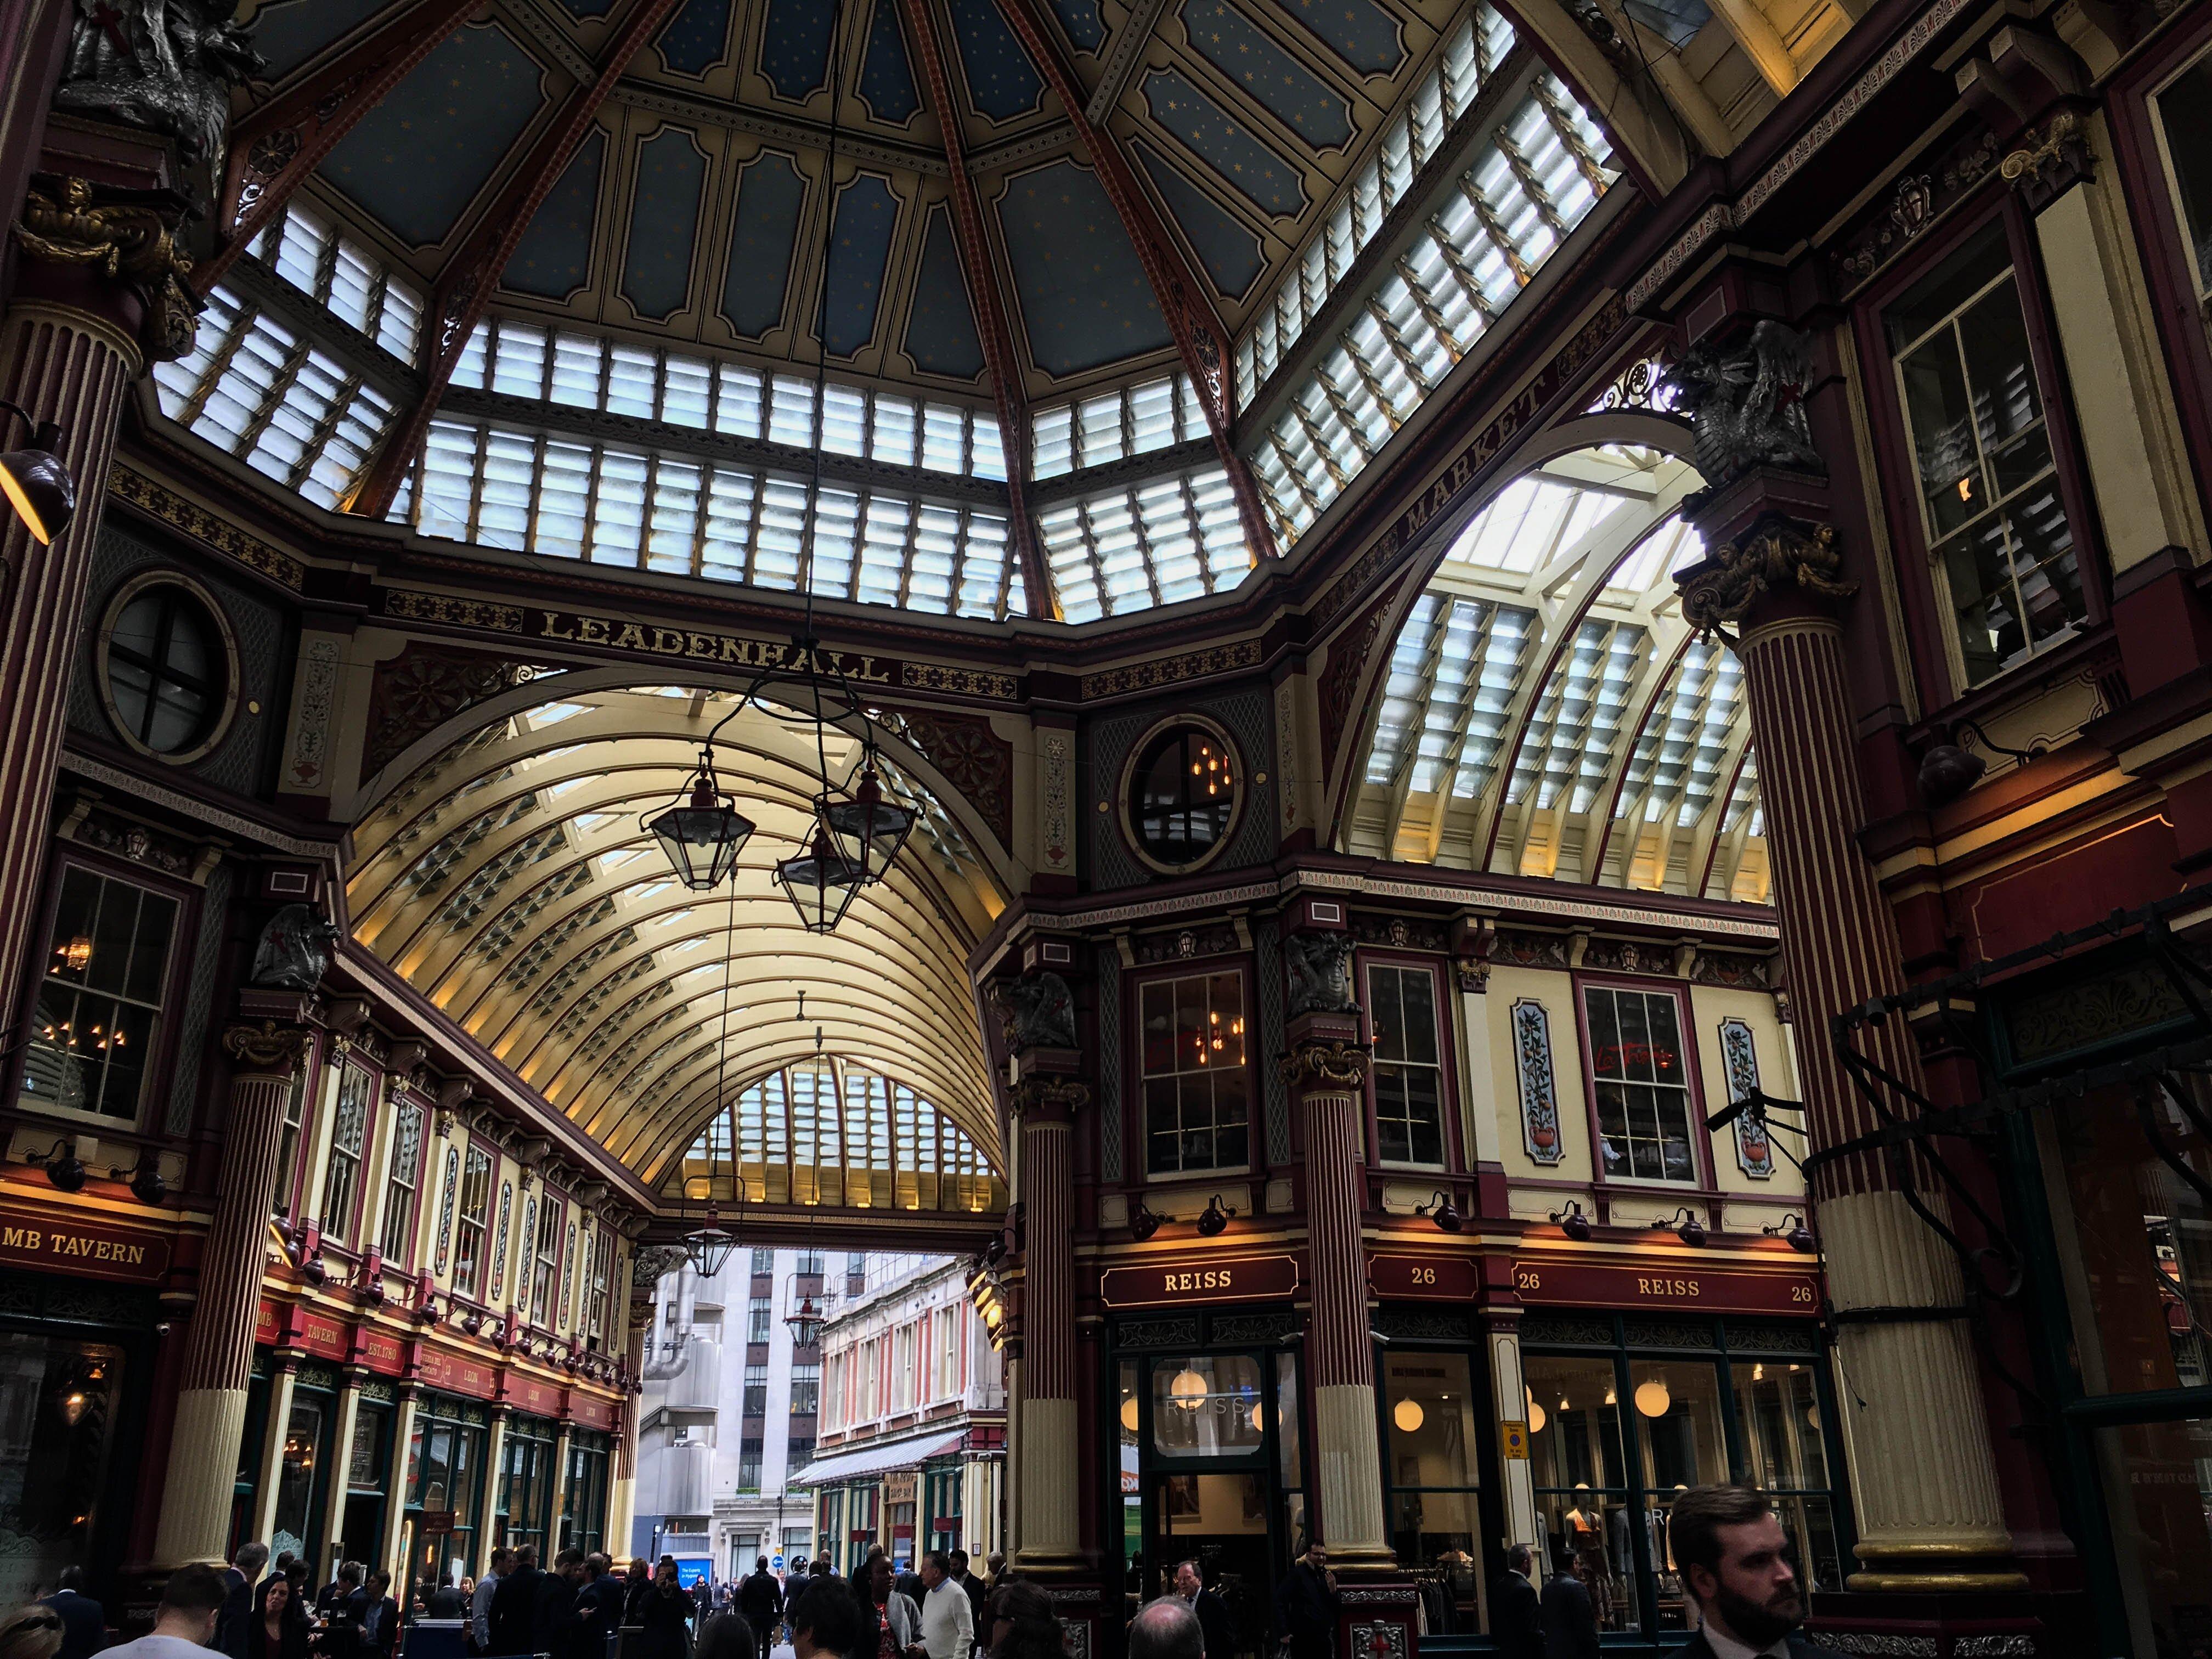 Londyn, Subiektywny przewodnik po Londynie, Gmale Goes To London, Bloger modowy w Londynie, Jak się ubrać do Londynu, Moda męska, Leadenhall Market